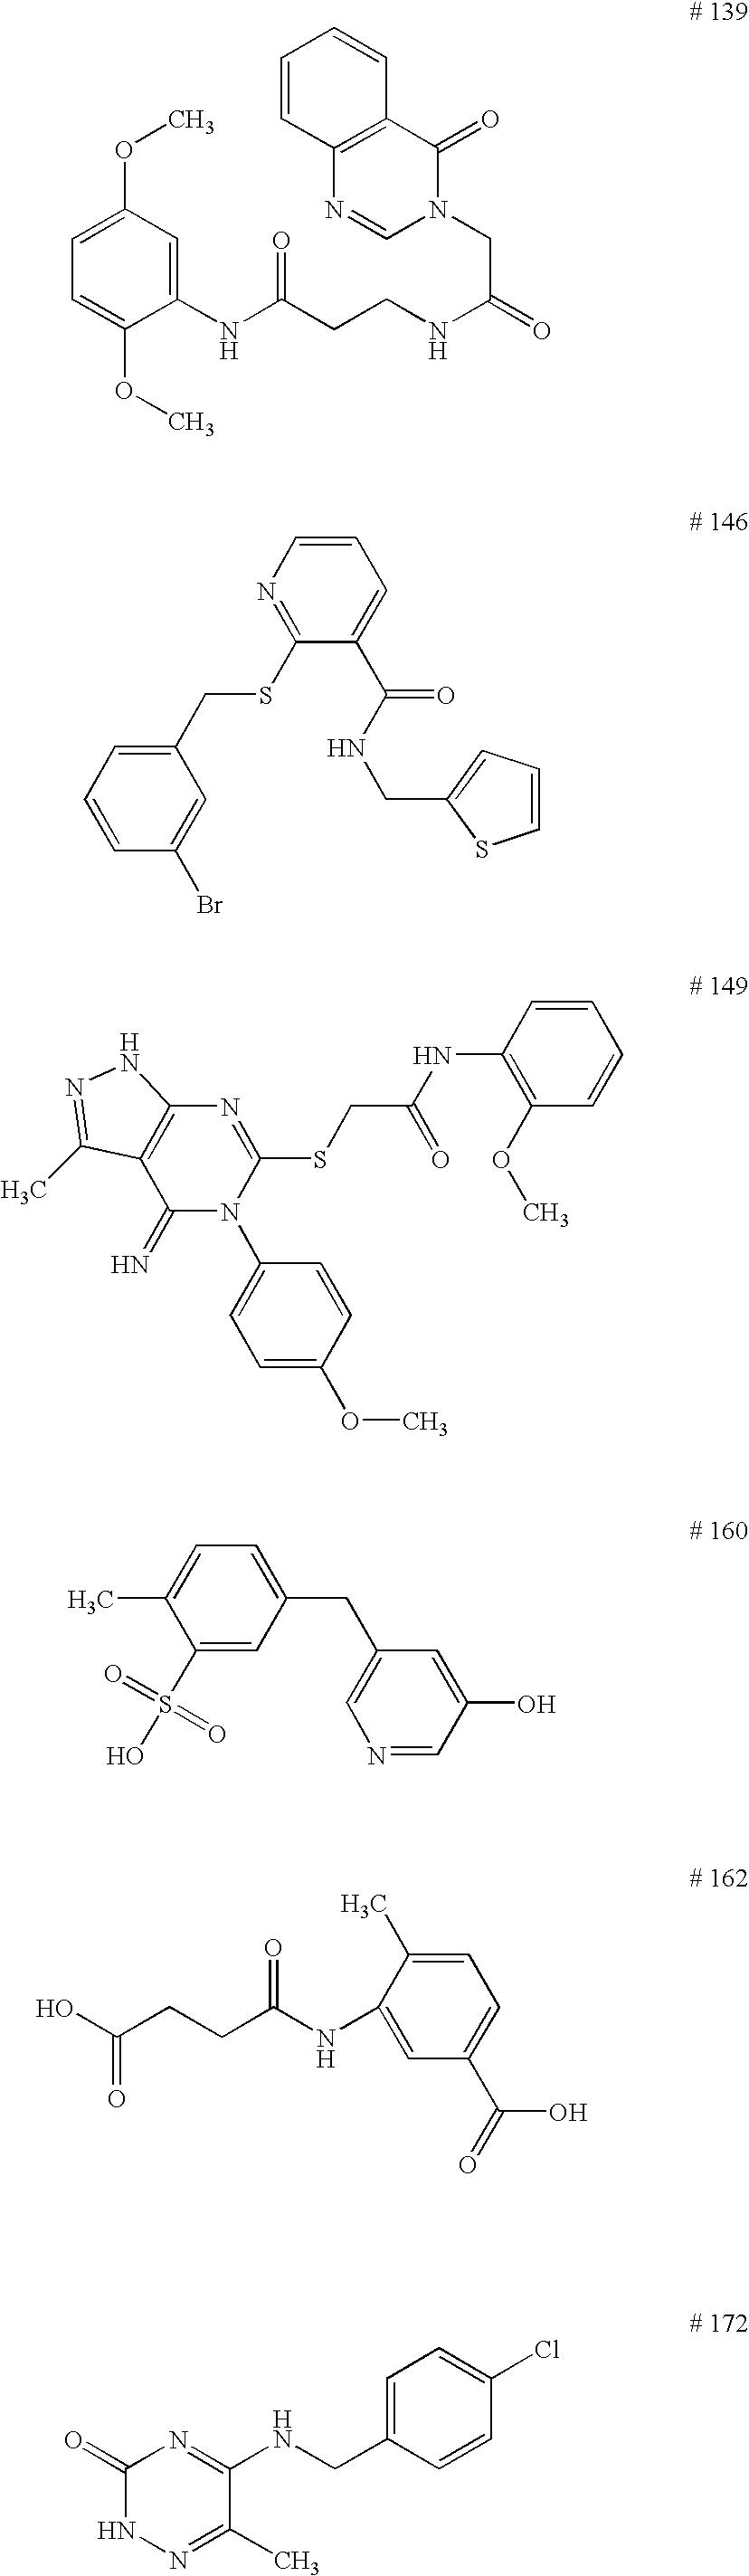 Figure US20070196395A1-20070823-C00101